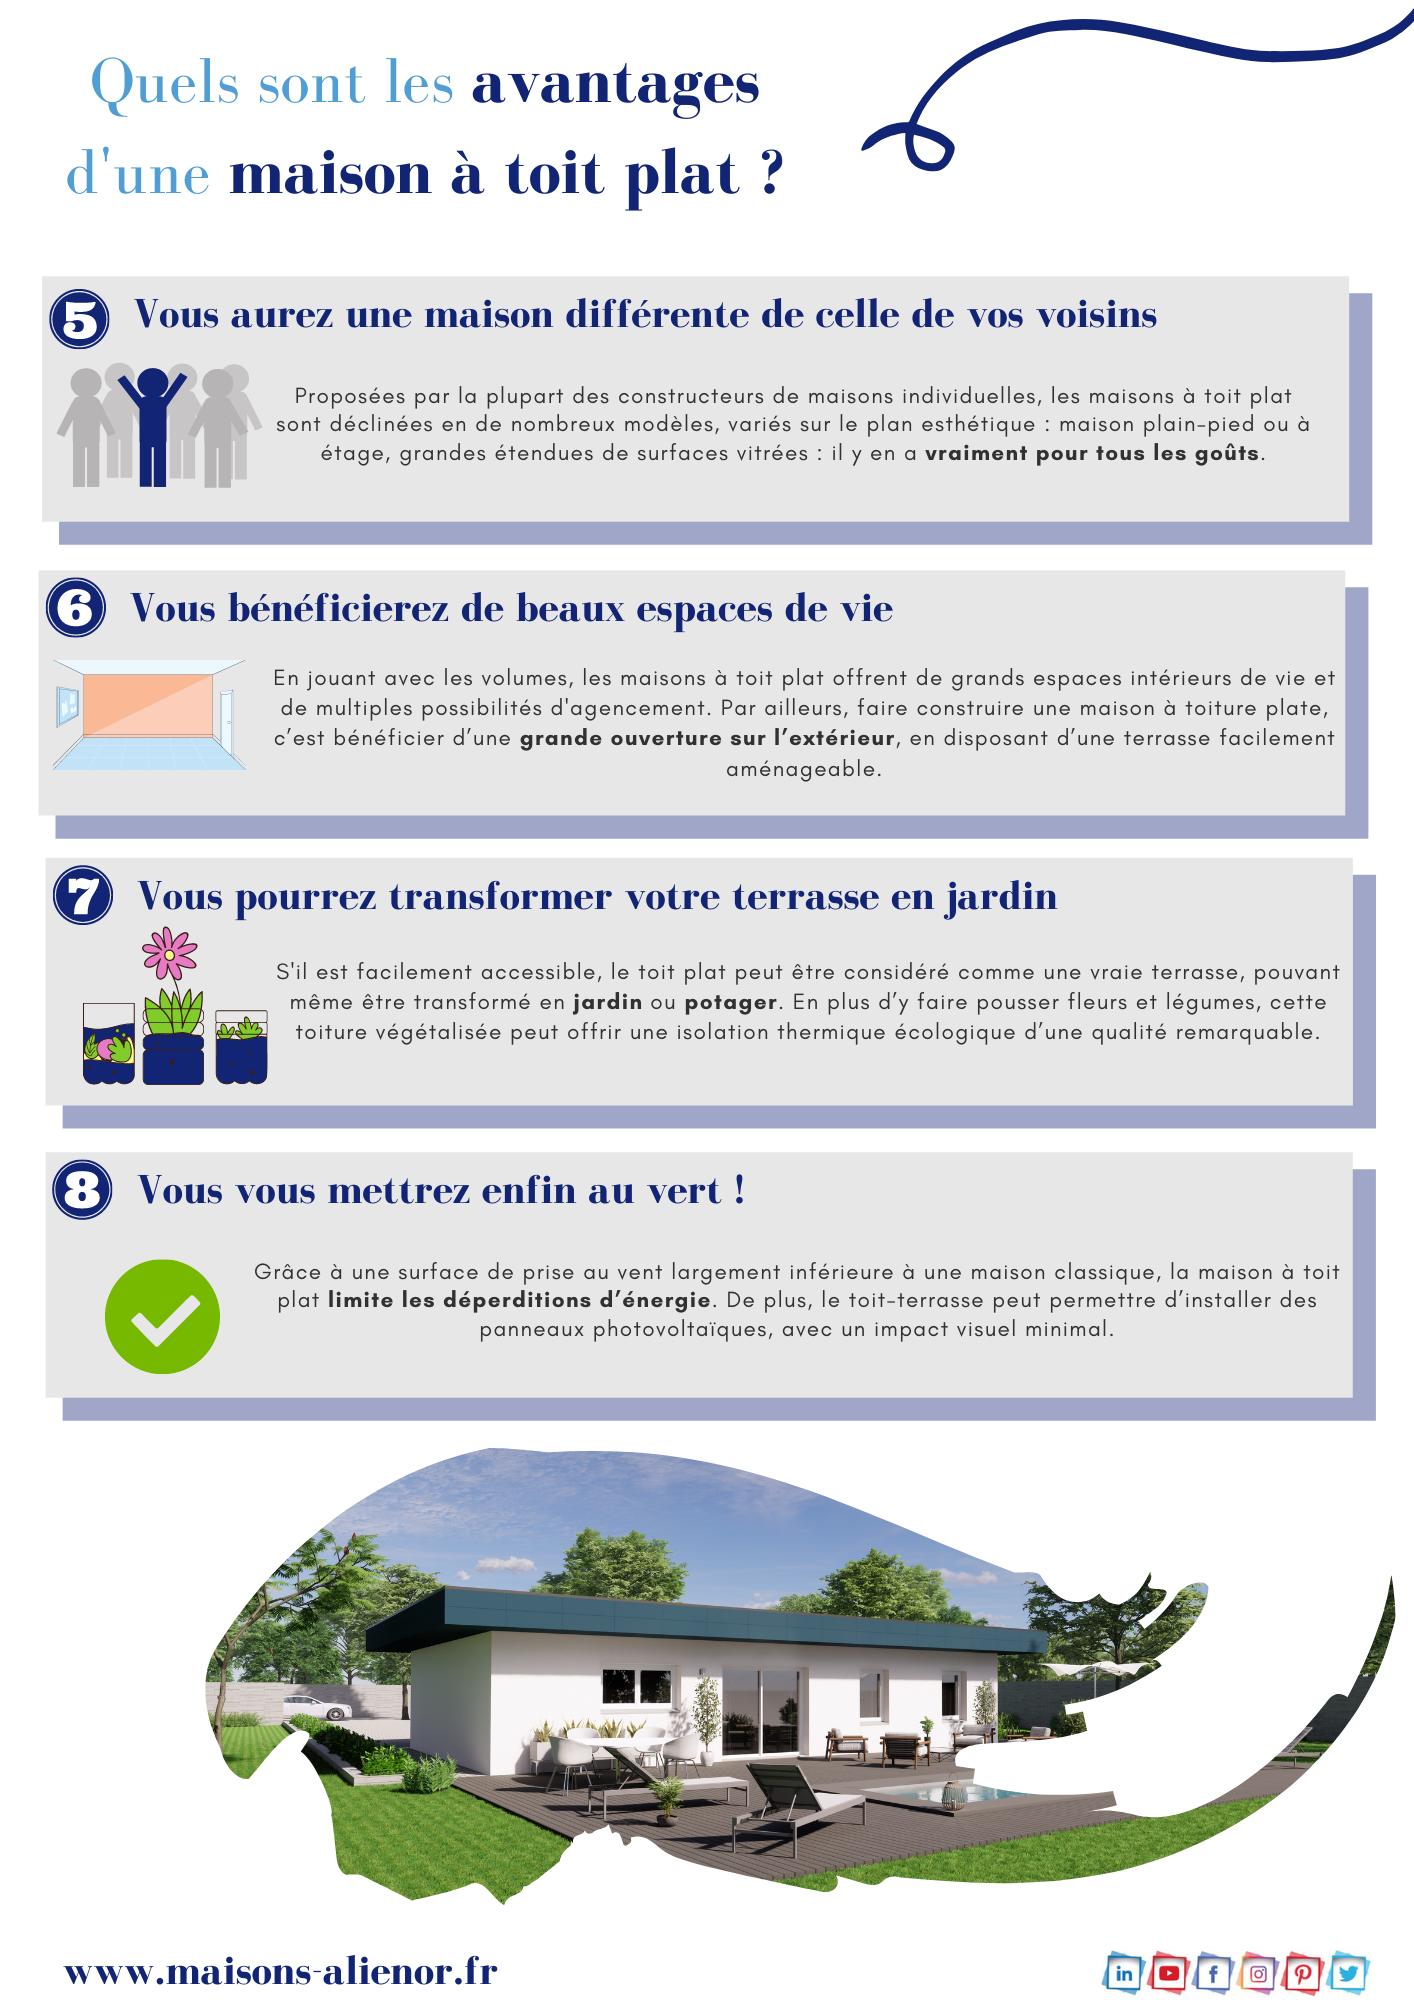 quels-sont-les-avantages-d-une-maison-a-toit-plat-votre-constructeur-de-maisons-individuelles-maisons-aliénor-périgord-dordogne-corrèze-3